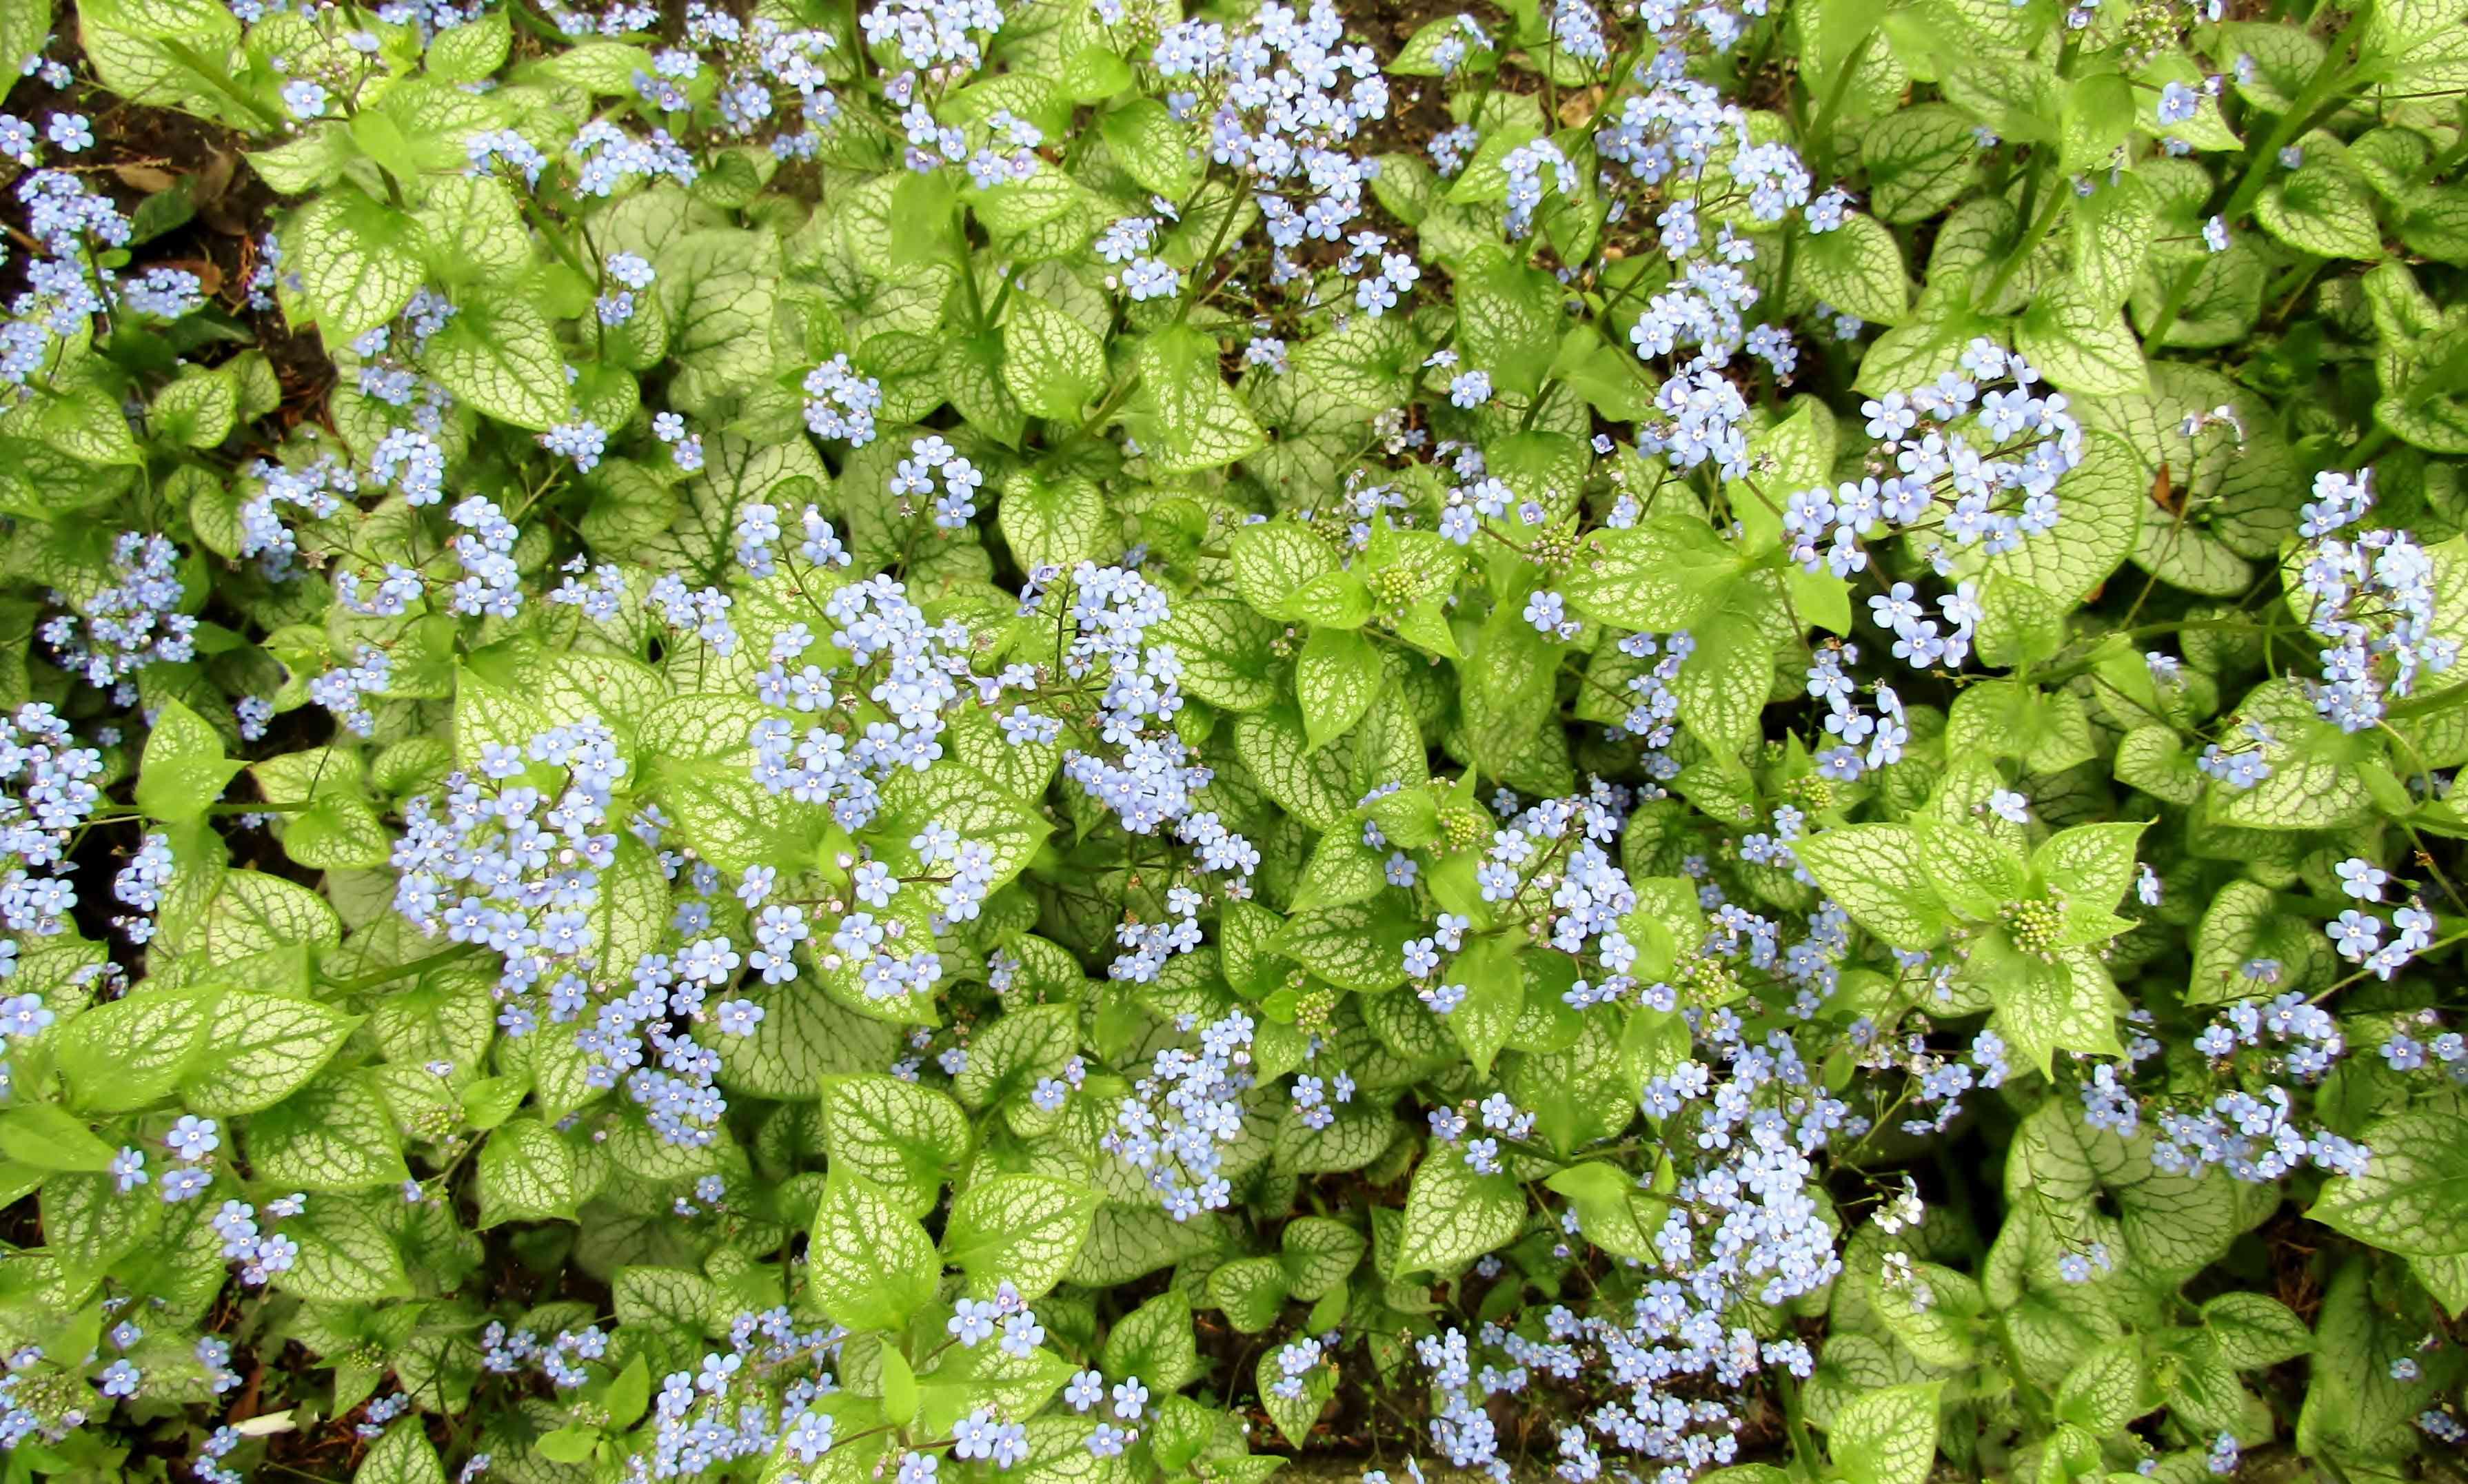 Siberian bugloss or Brunnera macrophylla blue flowers